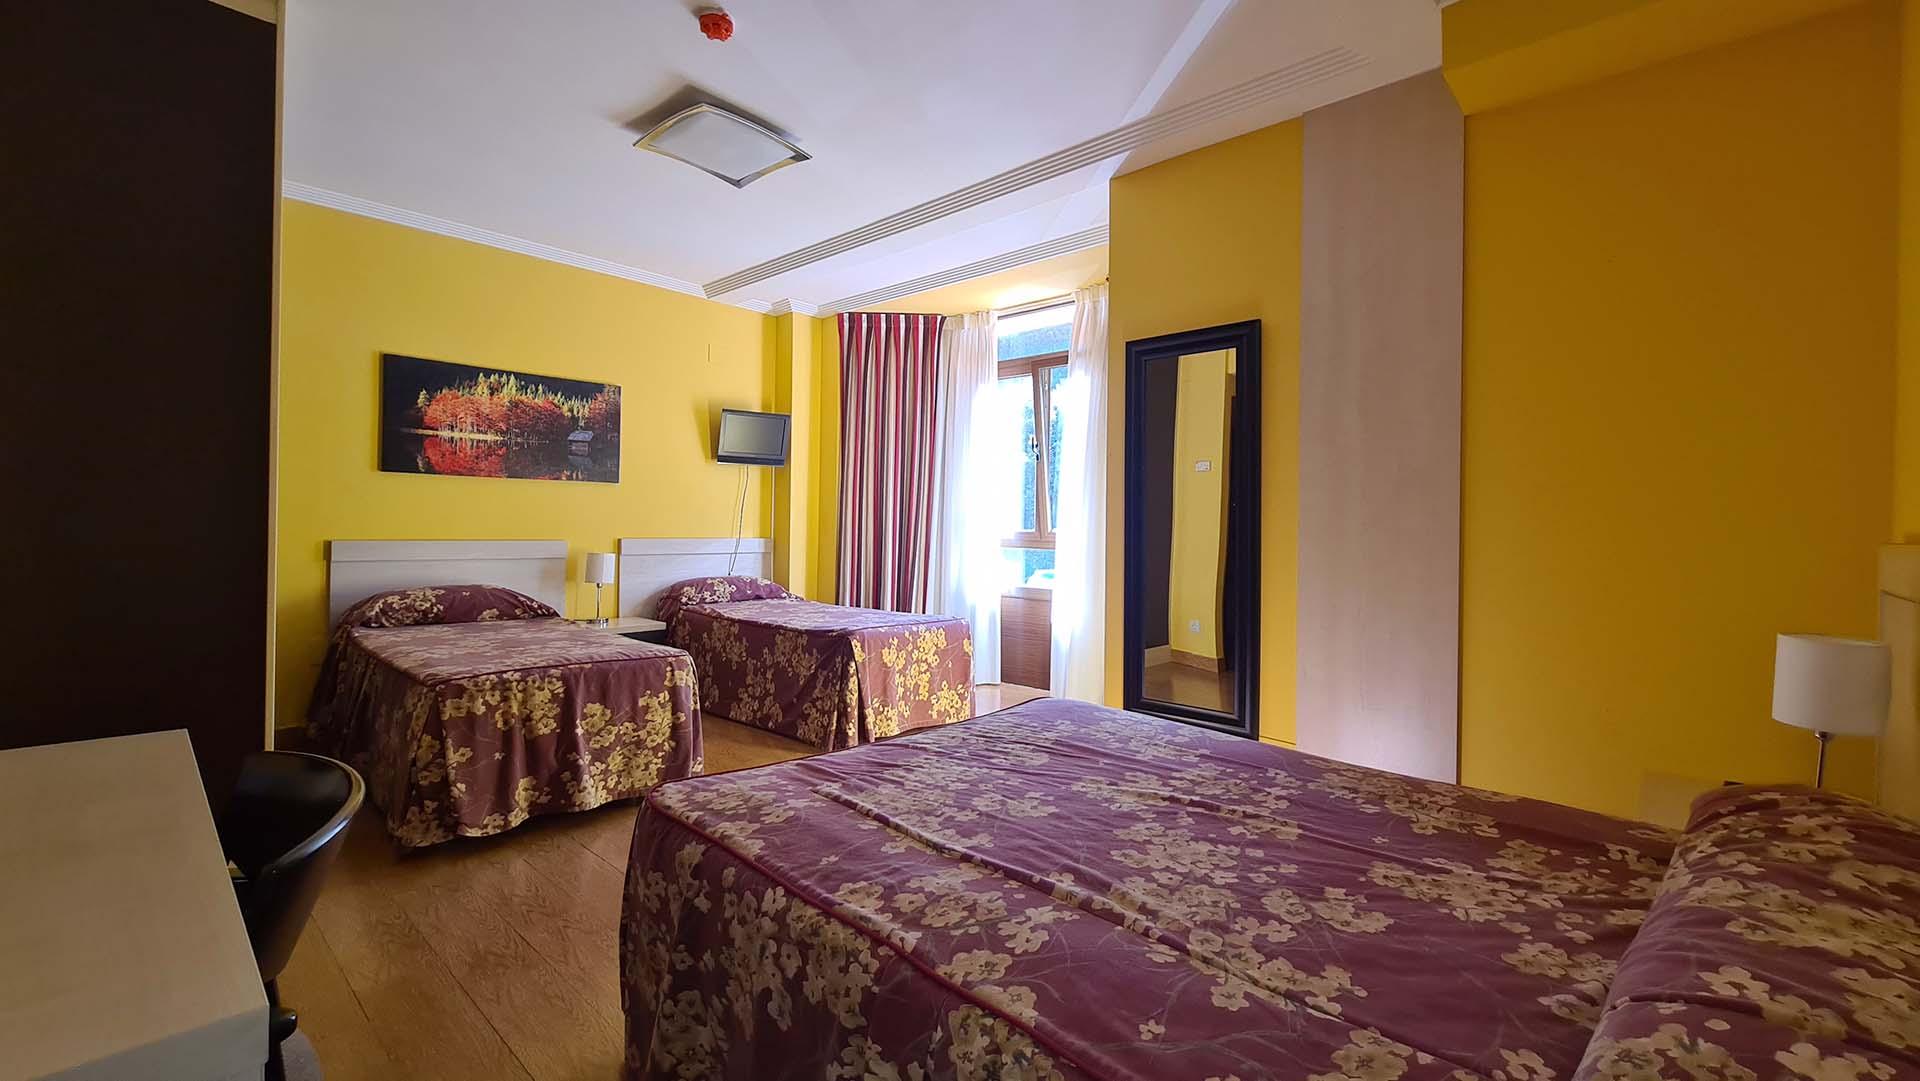 Hotel Restaurante Arenillas - Habitacion Triple